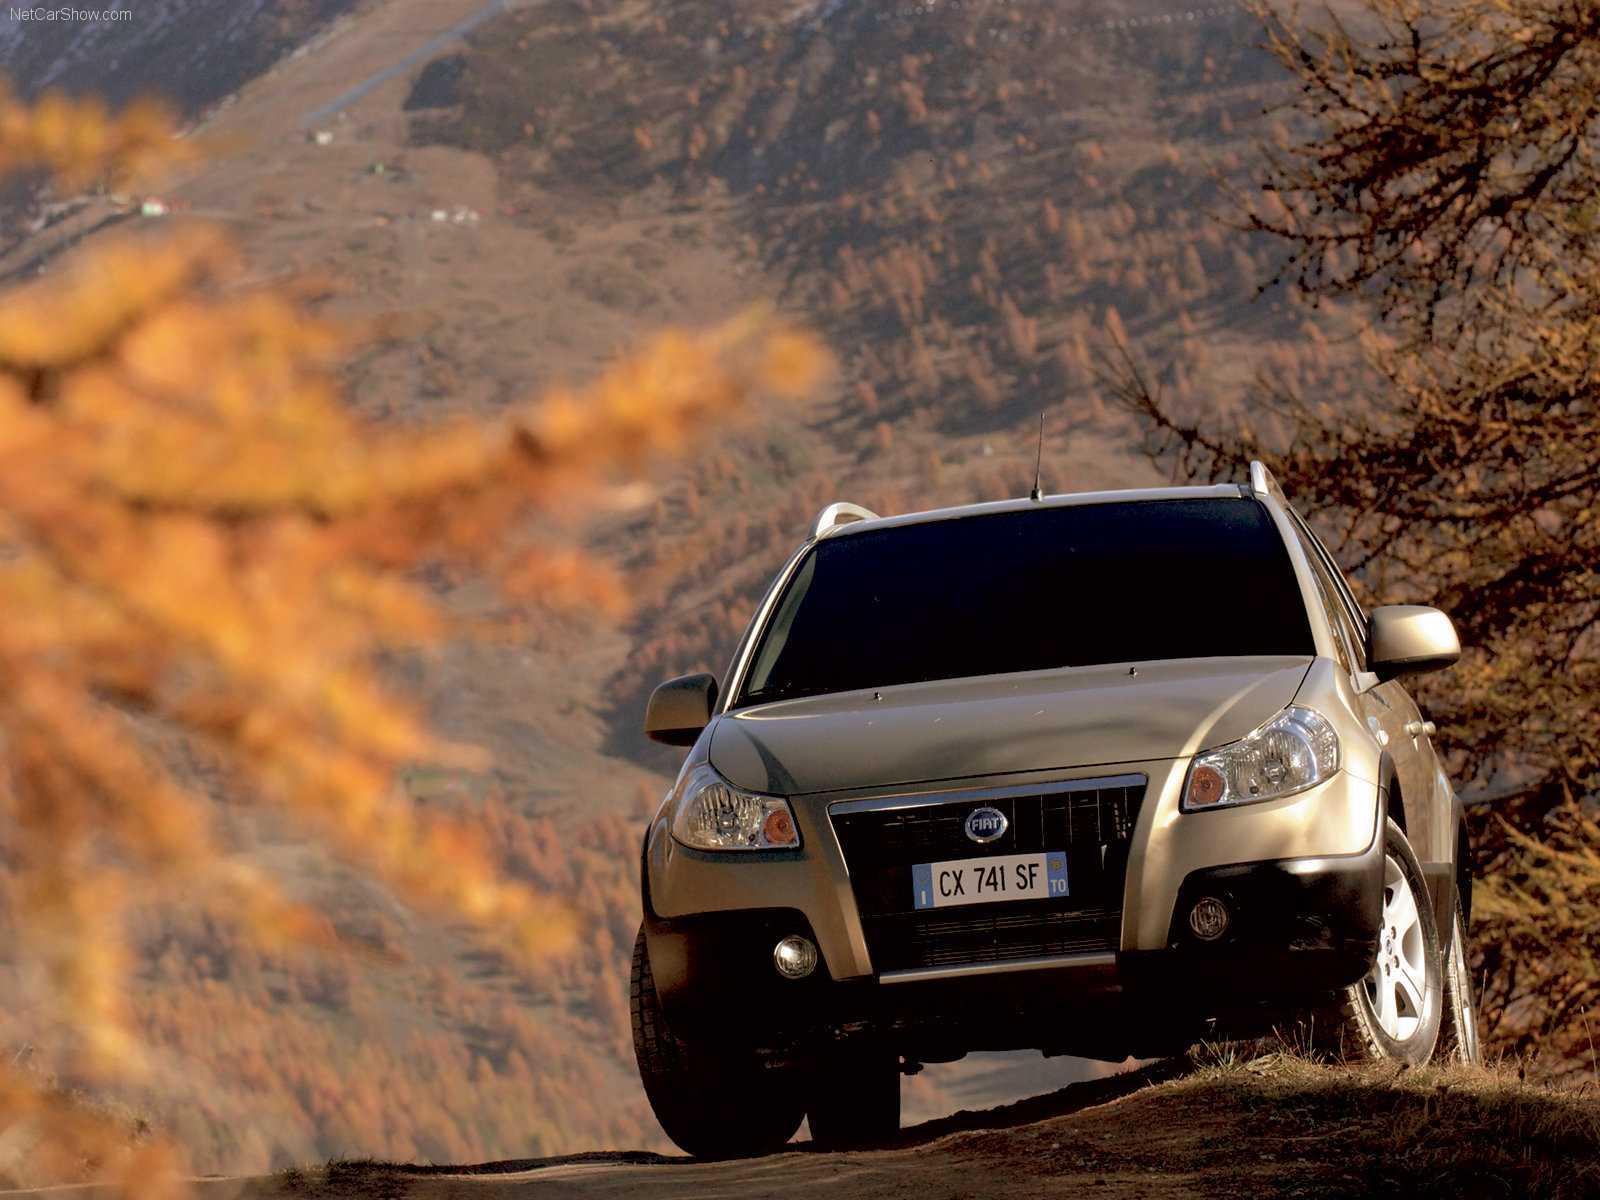 Fiat sedici обзор автомобиля, характеристики